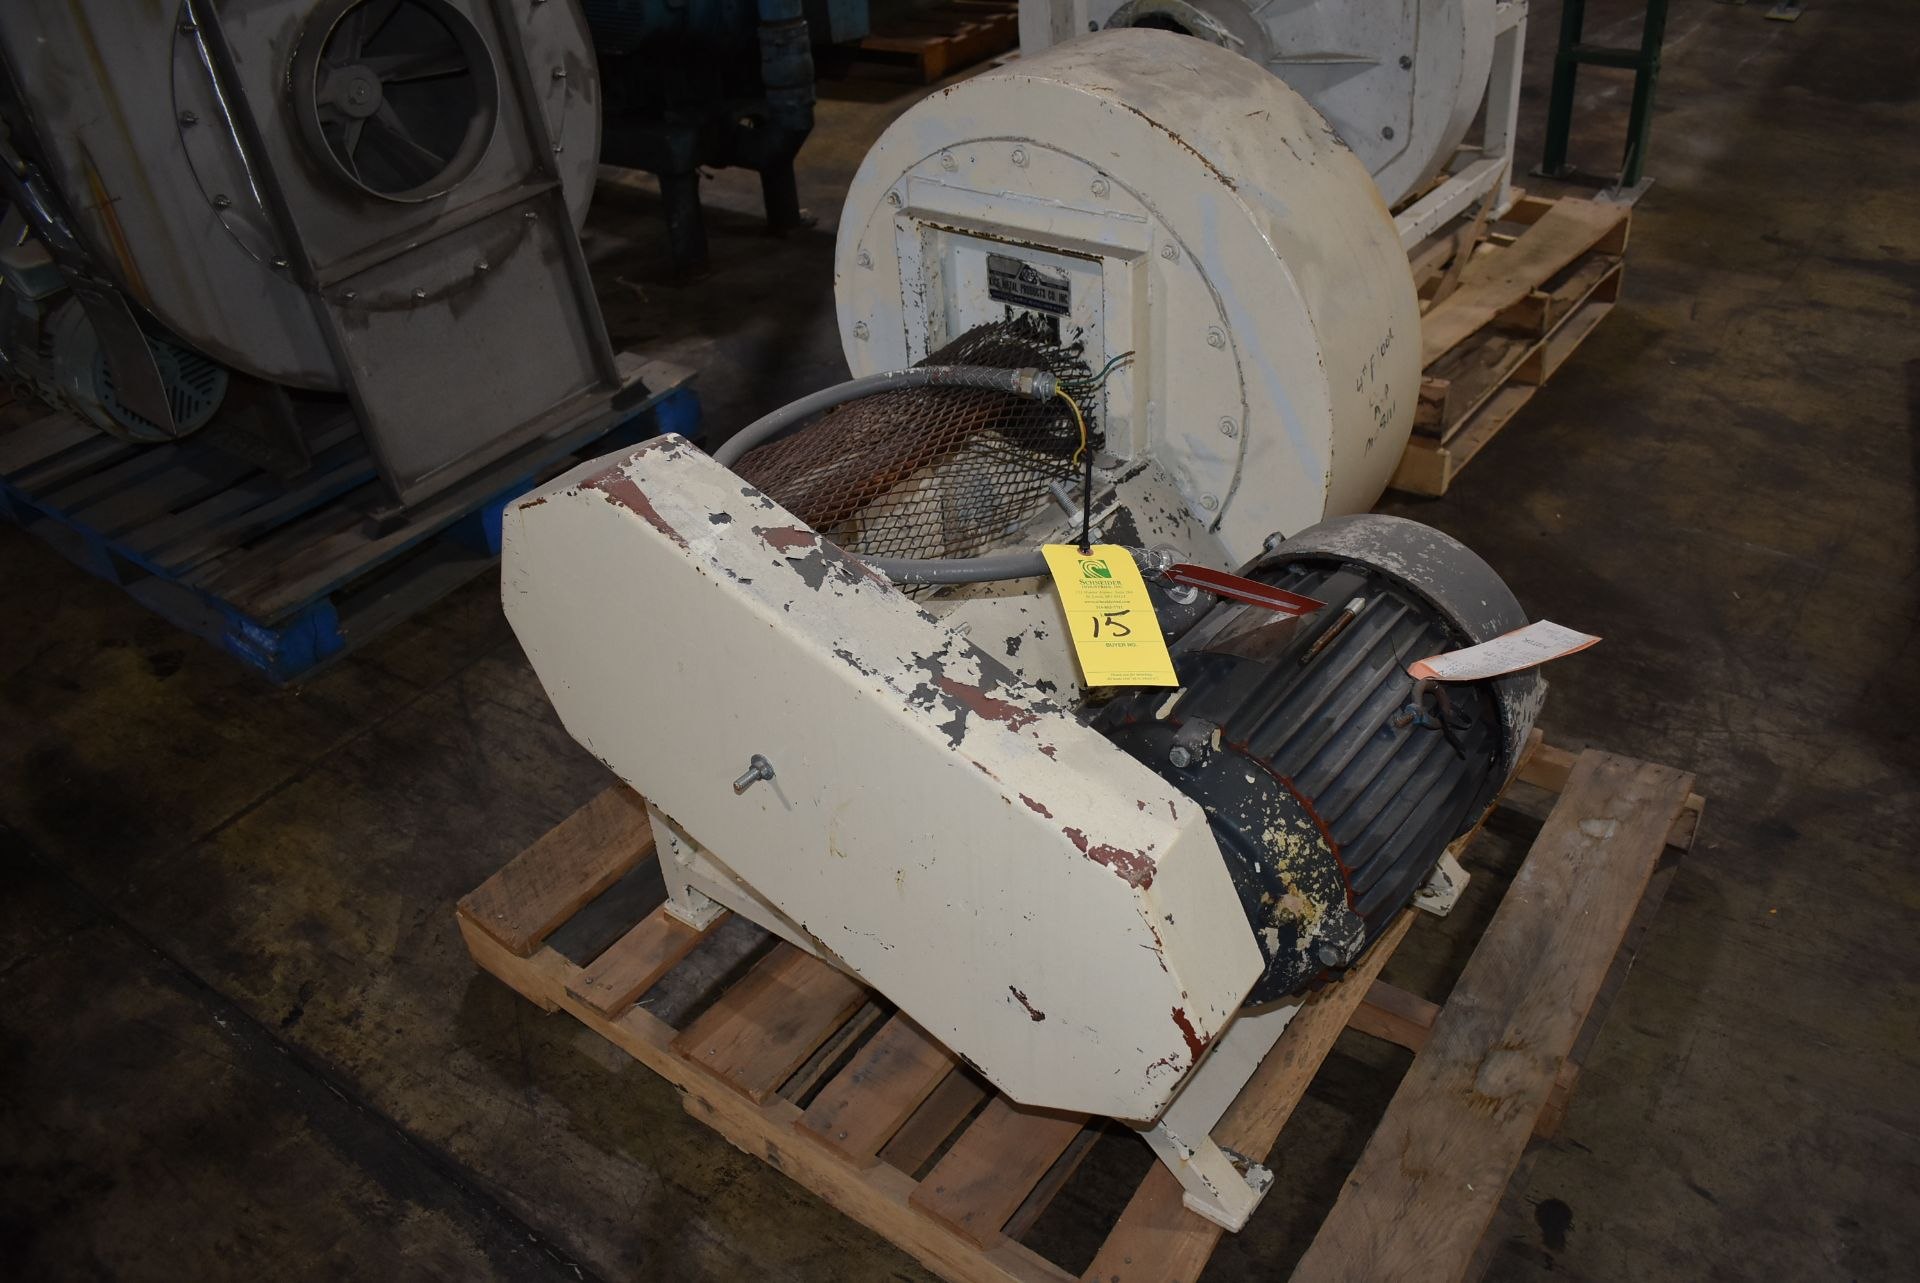 Kice Model #FC11 Blower w/10 HP Motor - Image 3 of 3